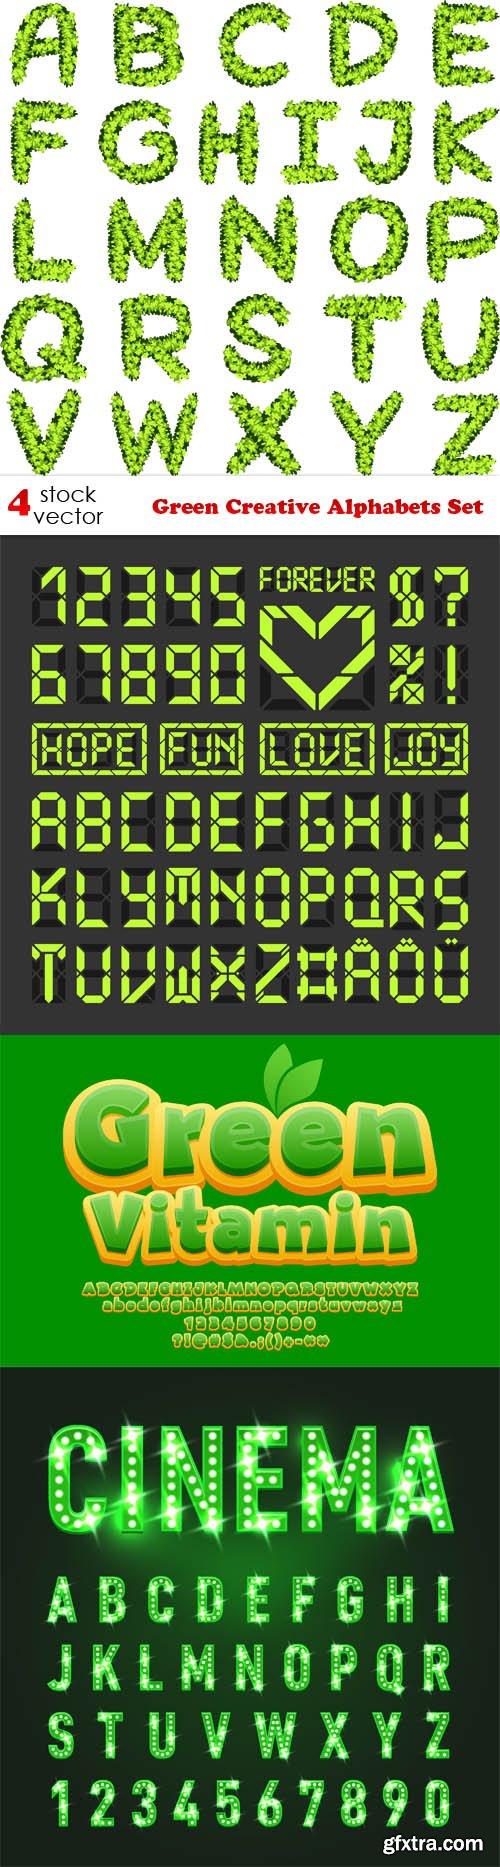 Vectors - Green Creative Alphabets Set